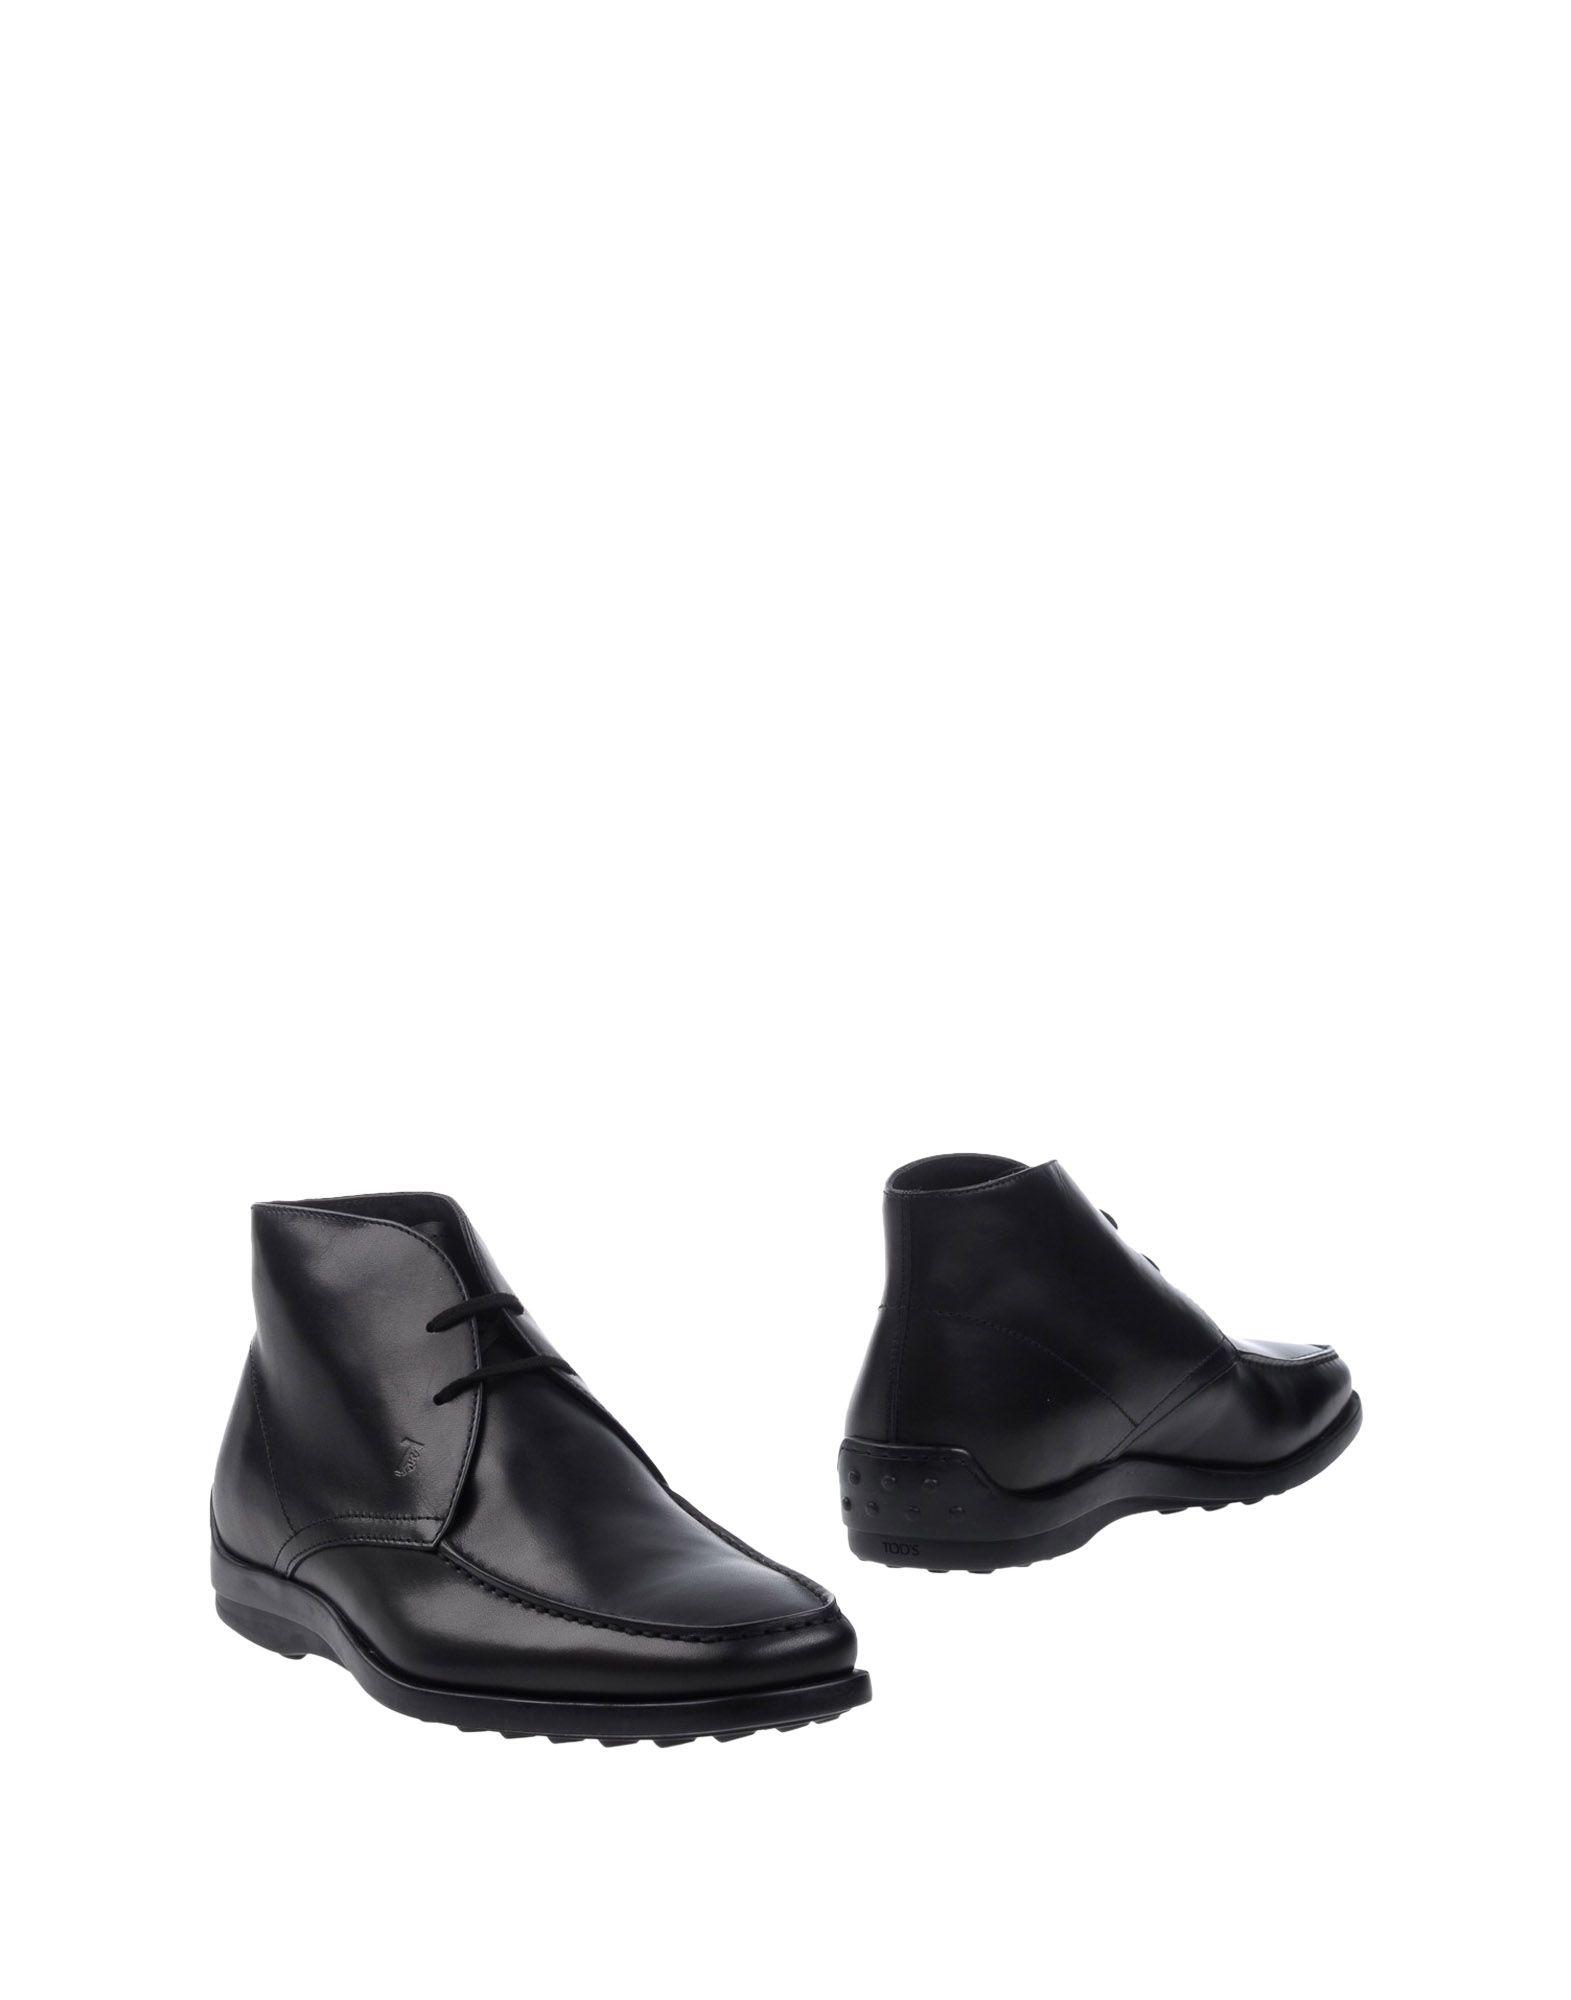 Tod's Stiefelette Herren  11297273EC Gute Qualität beliebte Schuhe